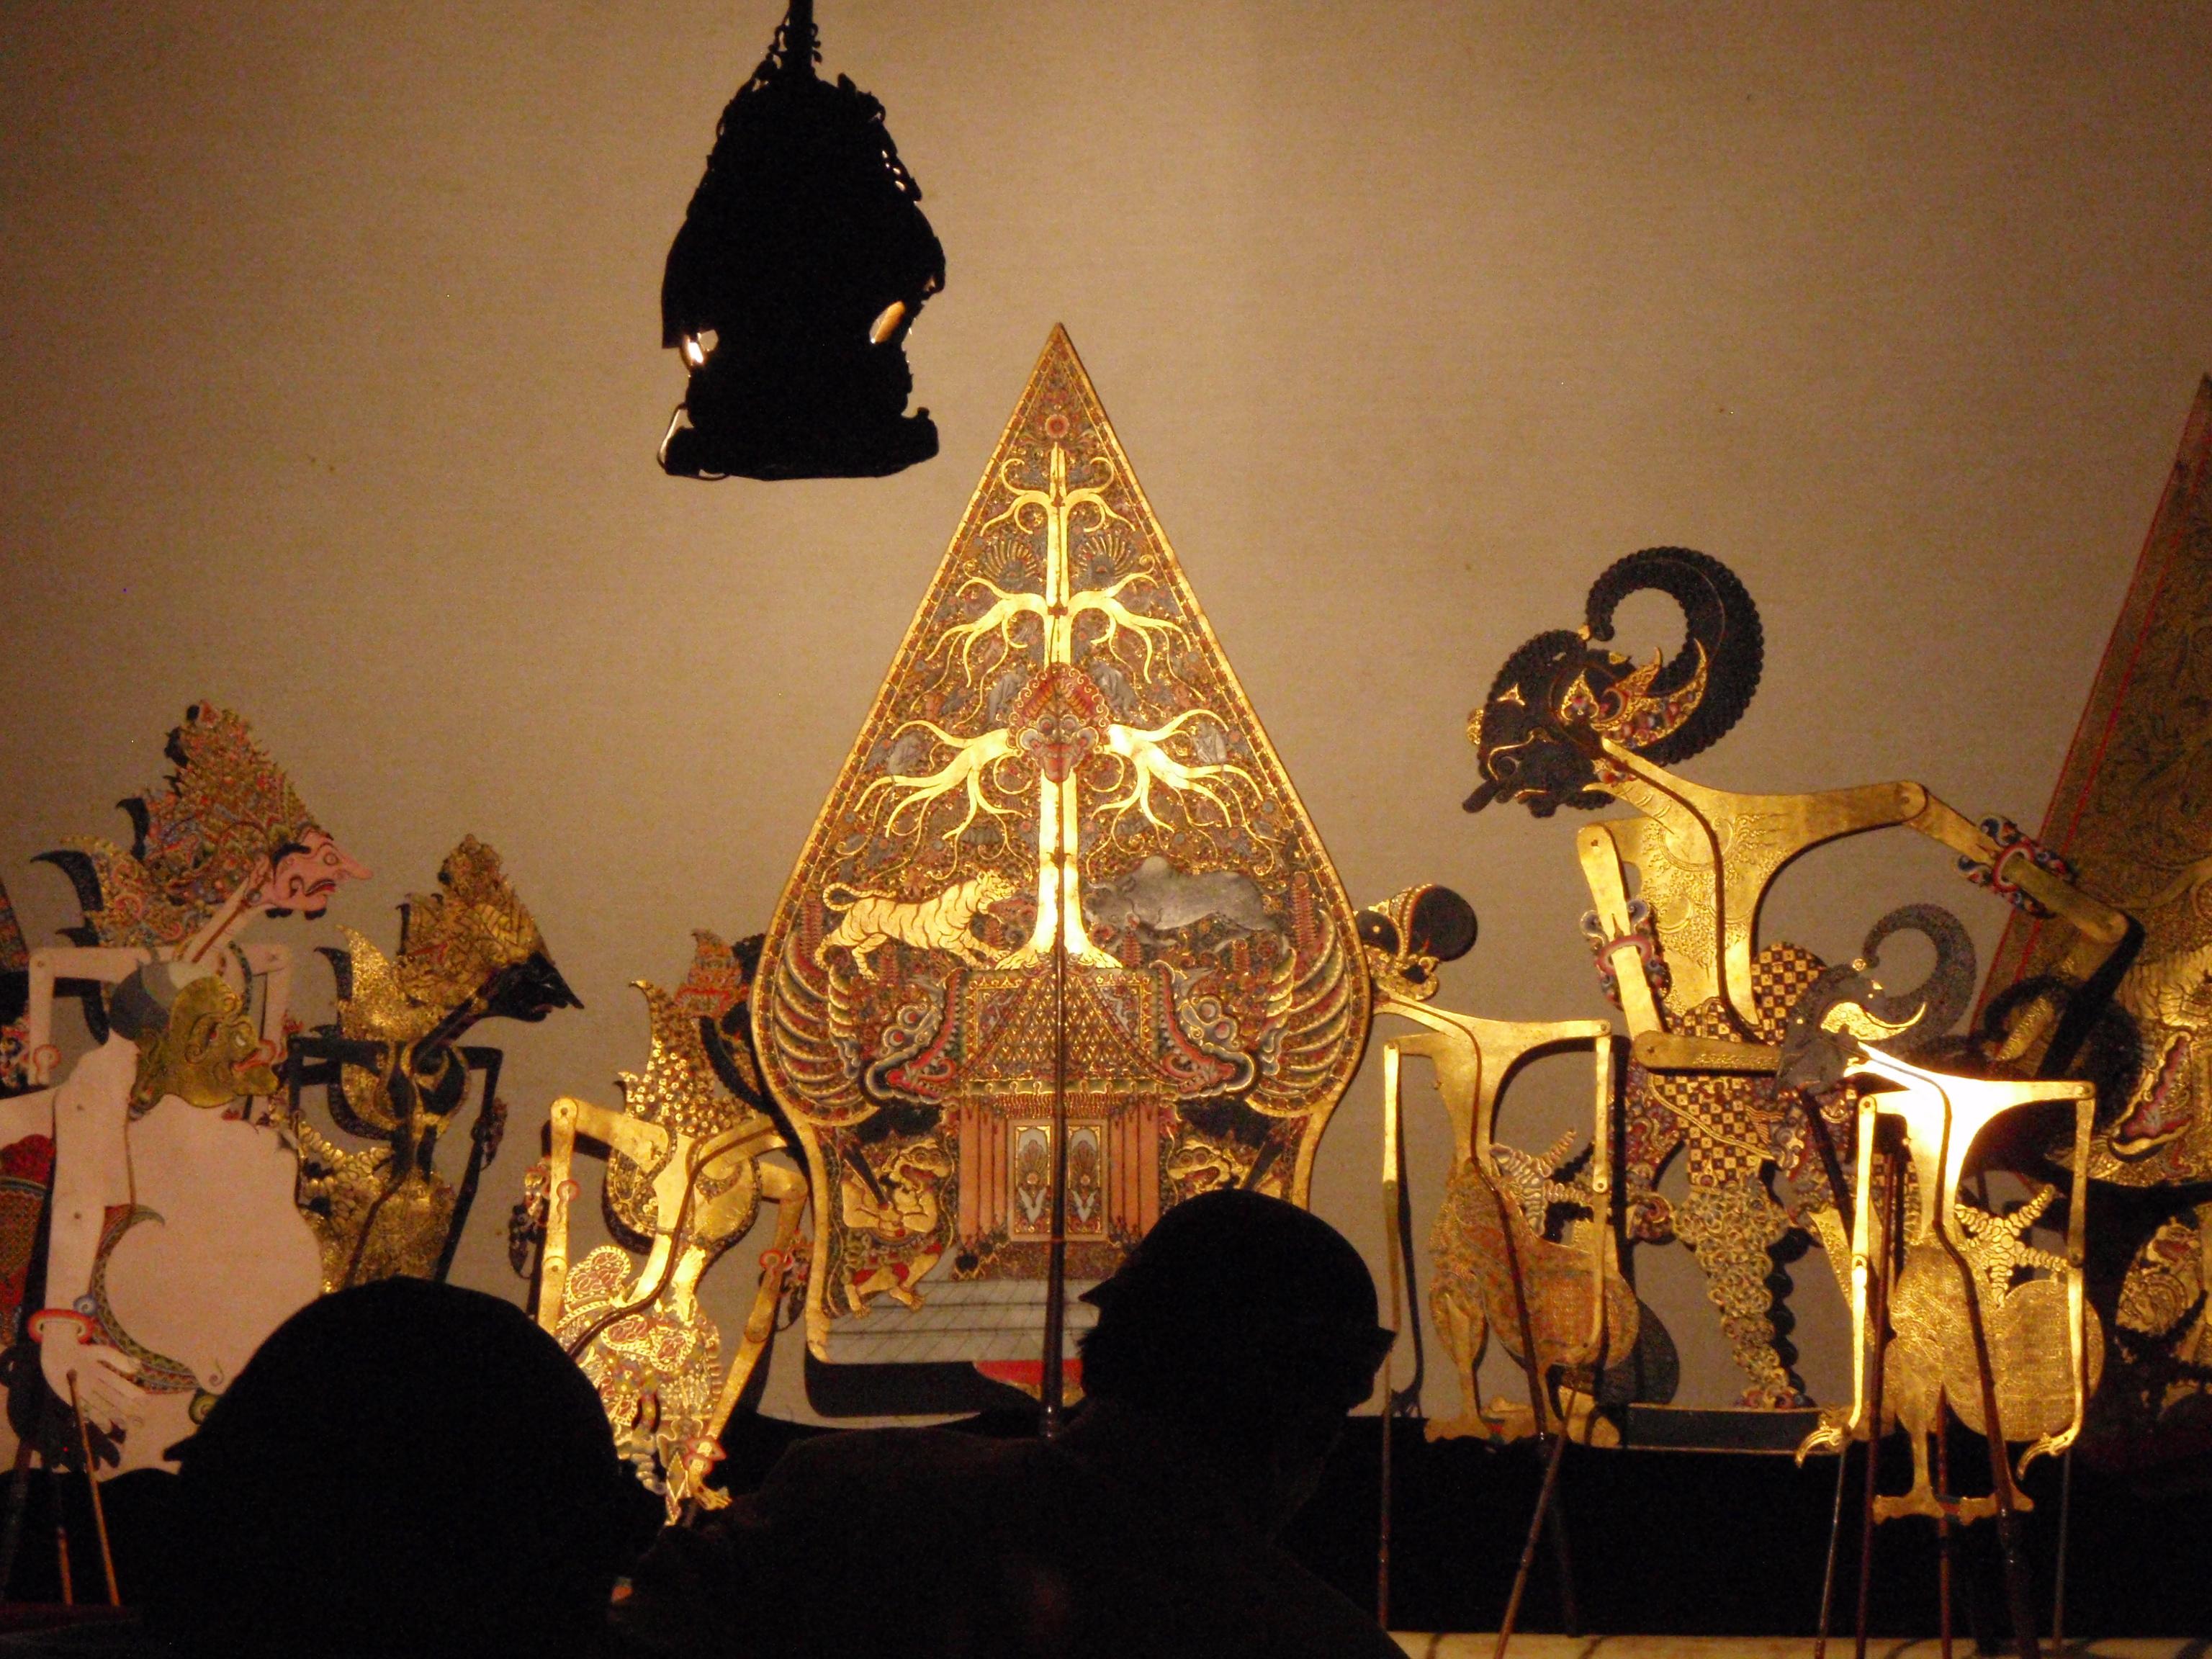 Une scène du Mahâbhârata, <em>wayang <em>kulit</em> purwa</em> Surakarta (Java central, Indonésie).